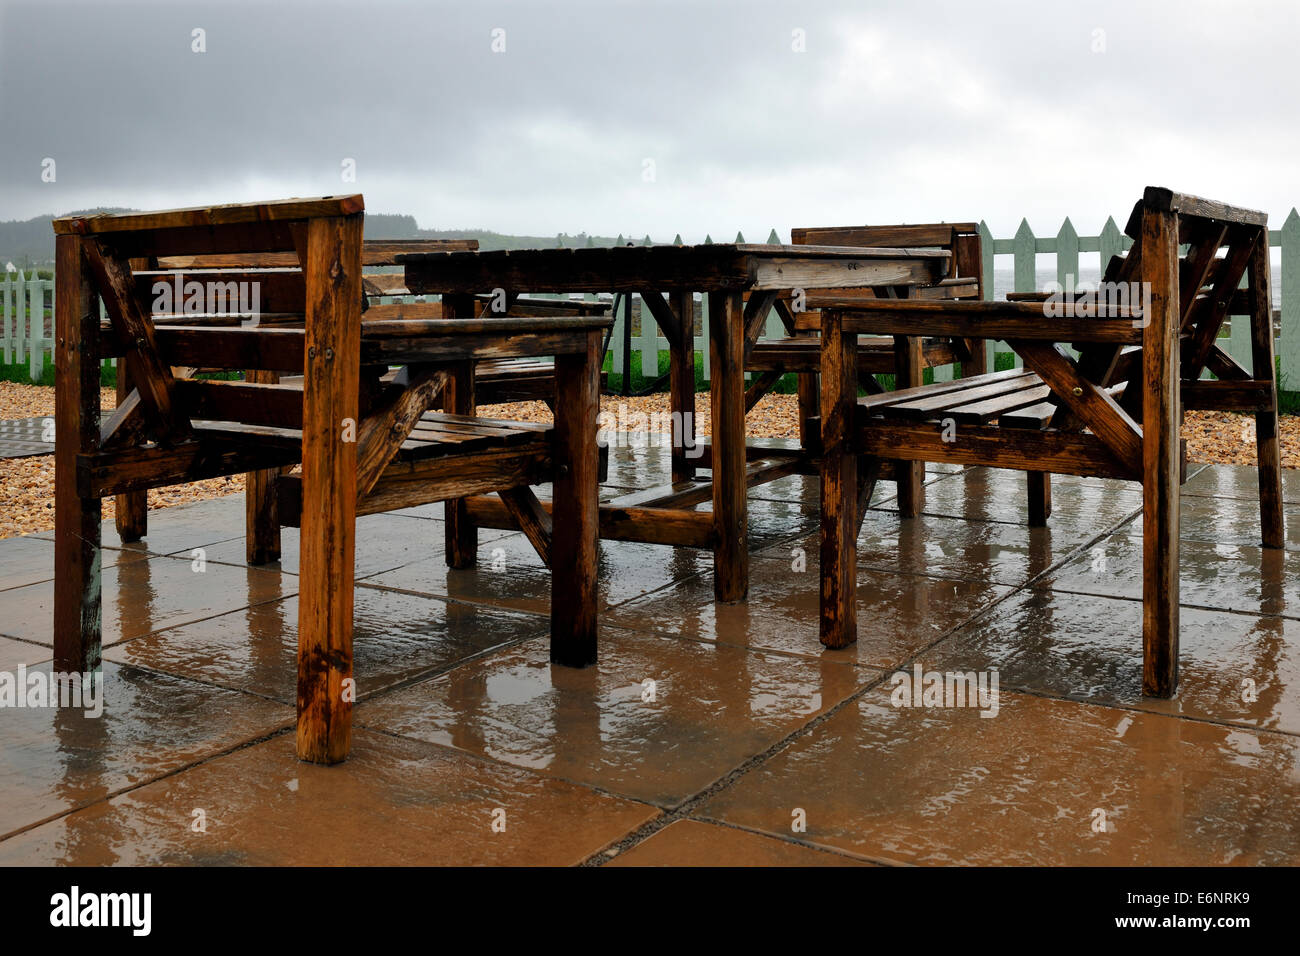 Reflexiones de valla y muebles de jardín durante la lluvia de primavera, Broadford, Isla de Skye, Escocia Foto de stock